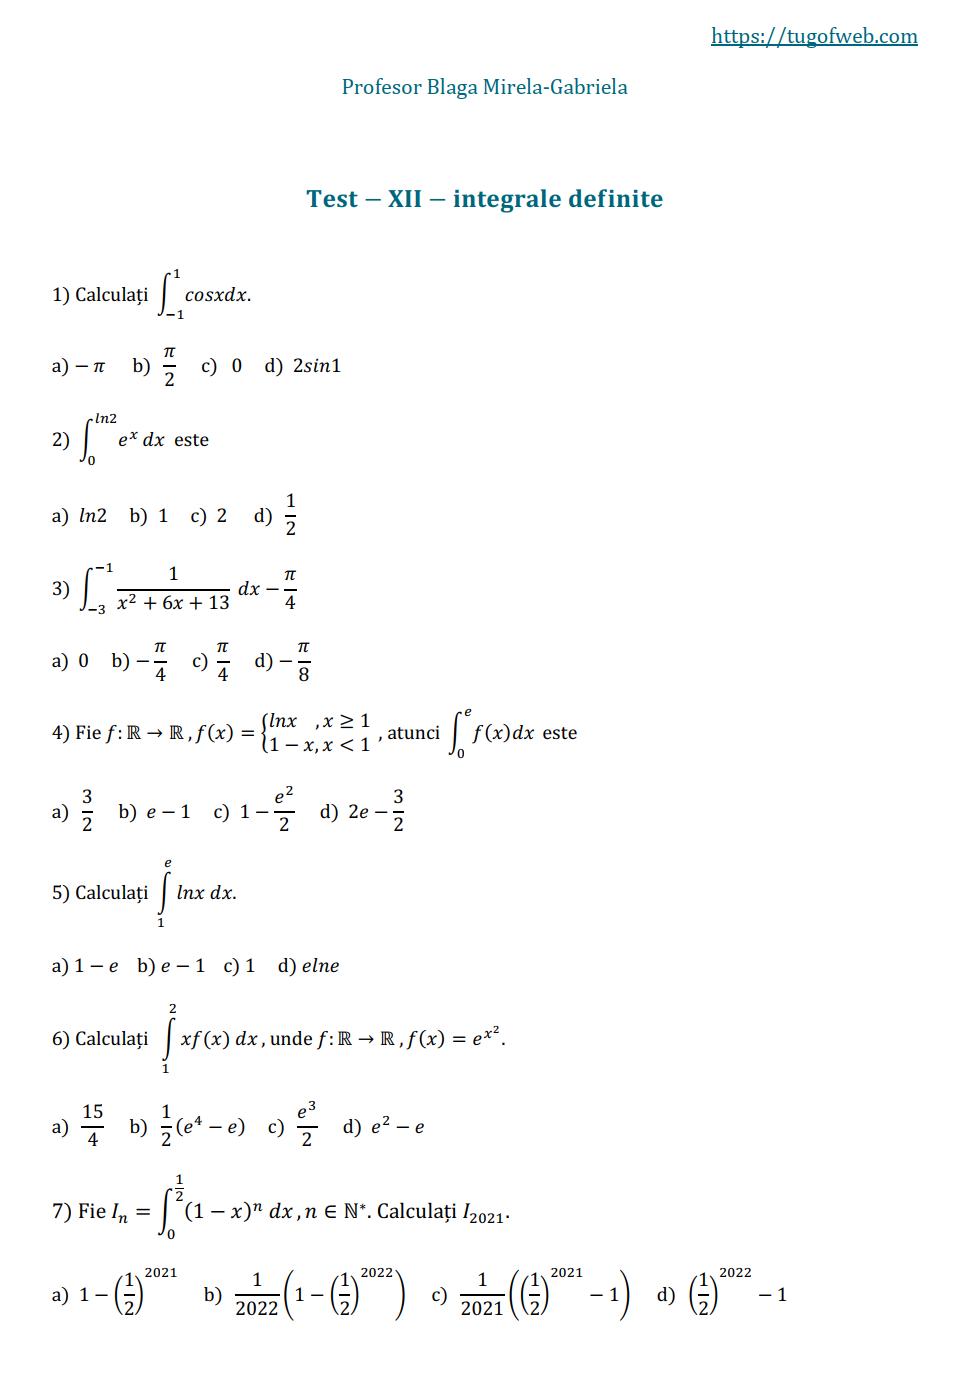 12_integrale_definite_2_grile_Blaga